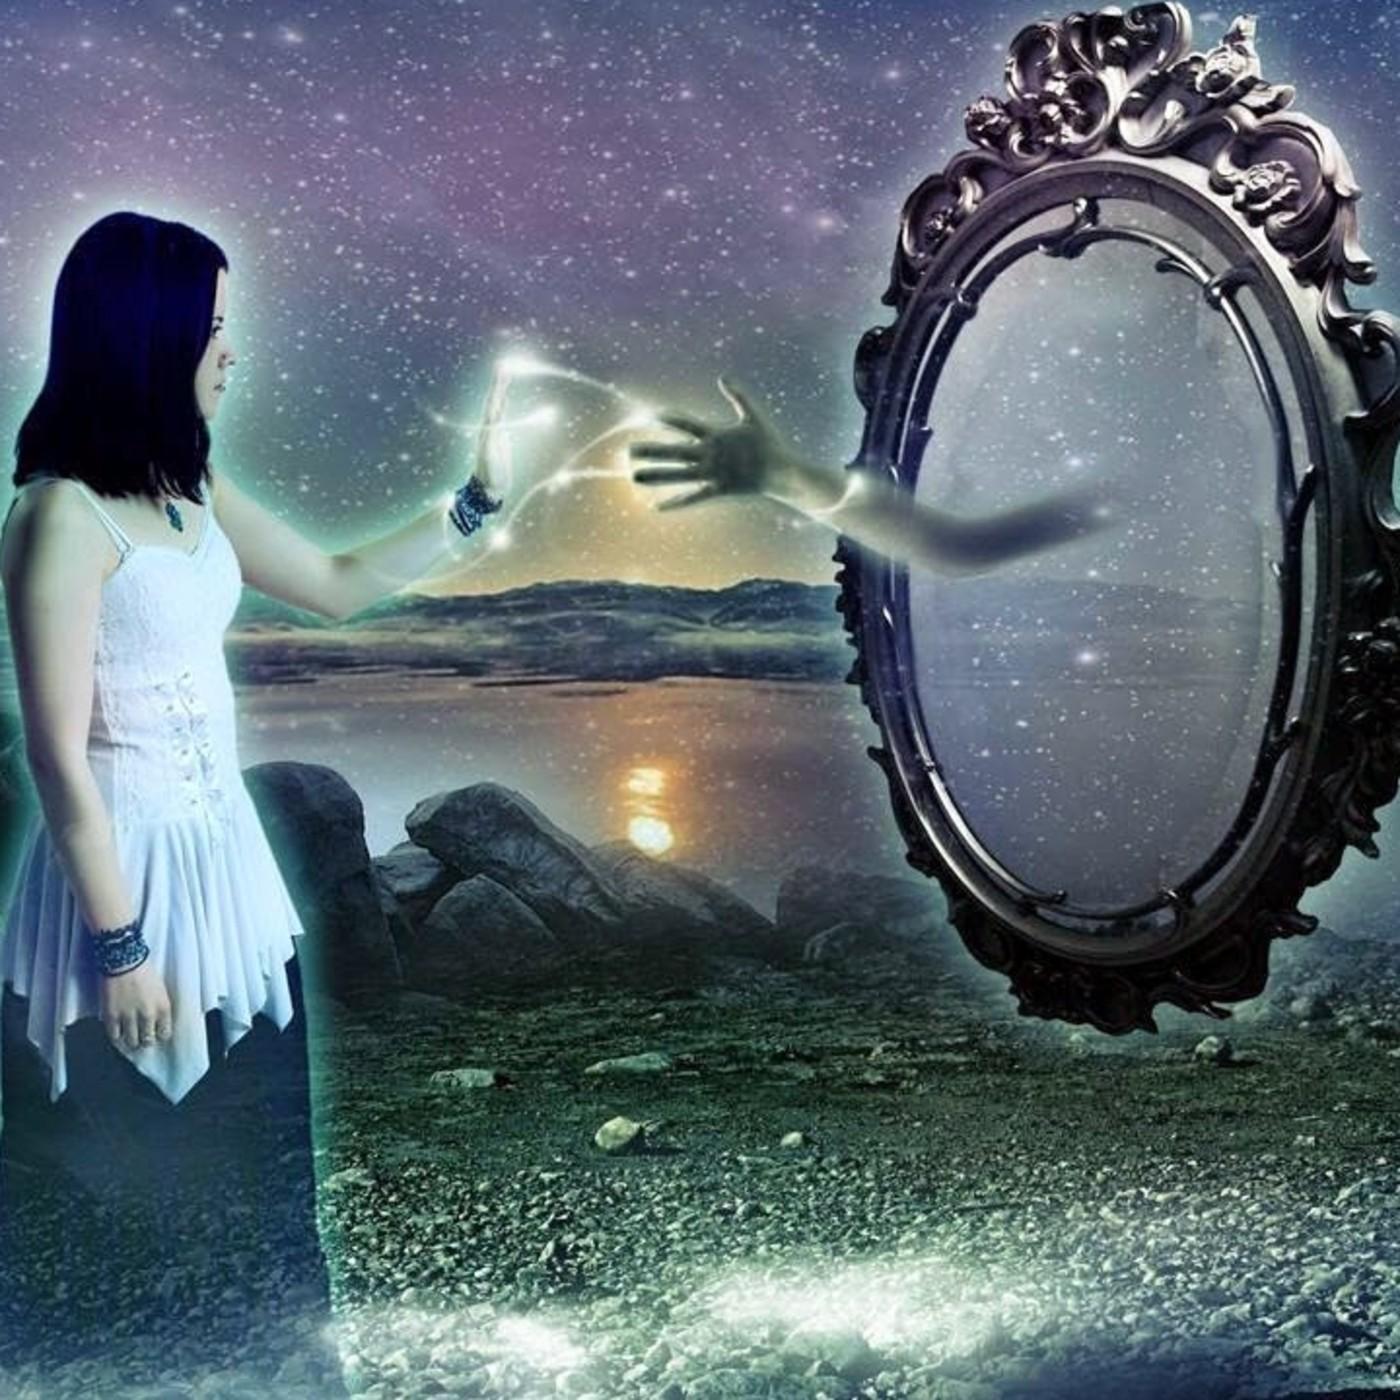 El espejo como reflejo de uno mismo en acctua en mp3 10 06 for Espejo unidireccional psicologia